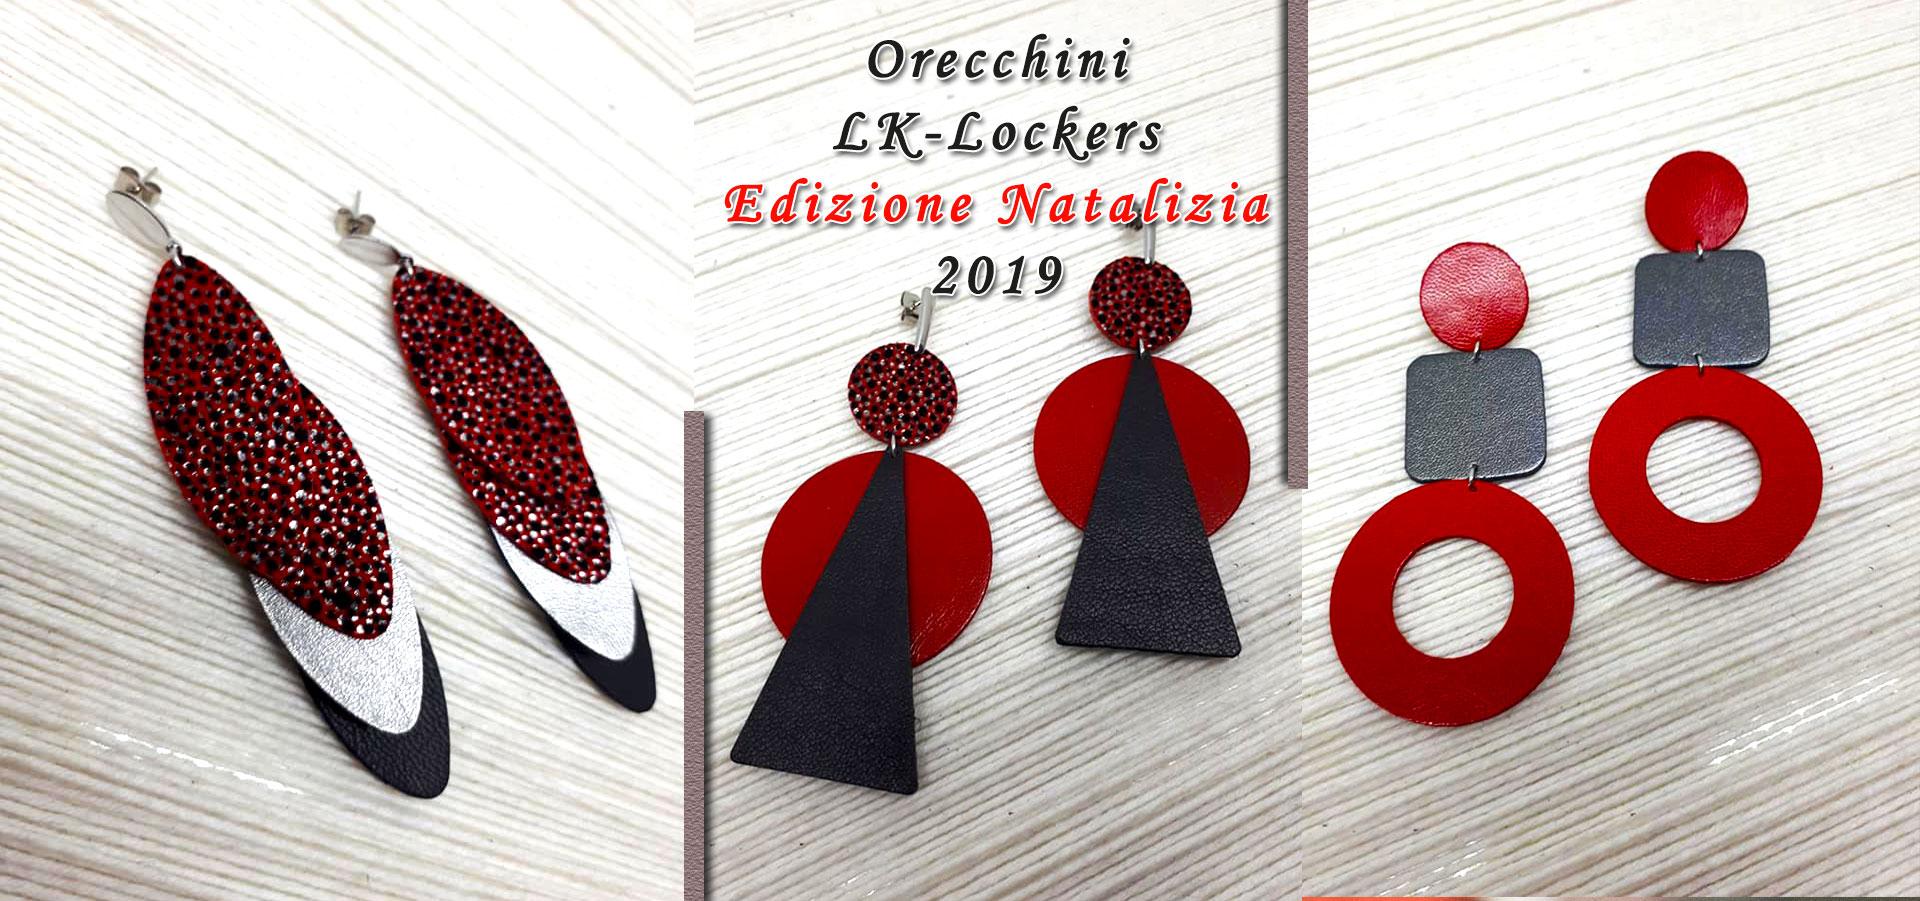 lk-lockers-orecchini-in-pelle-collezione-natale-2019